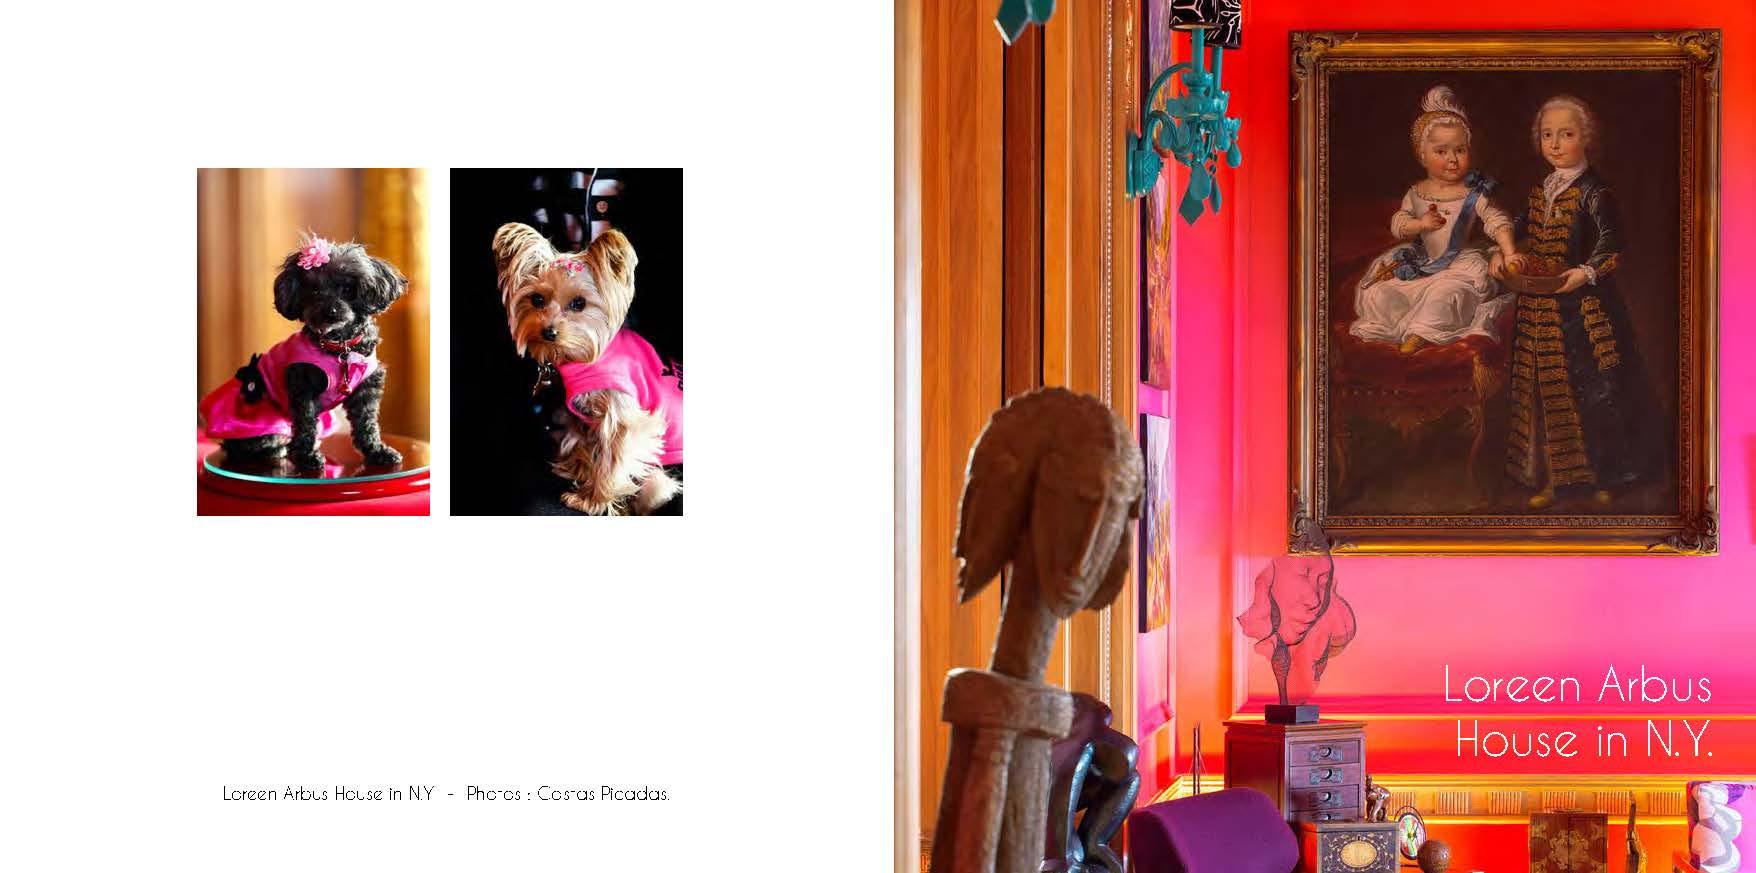 Loreen Arbus House in N.Y._Page_01.jpg